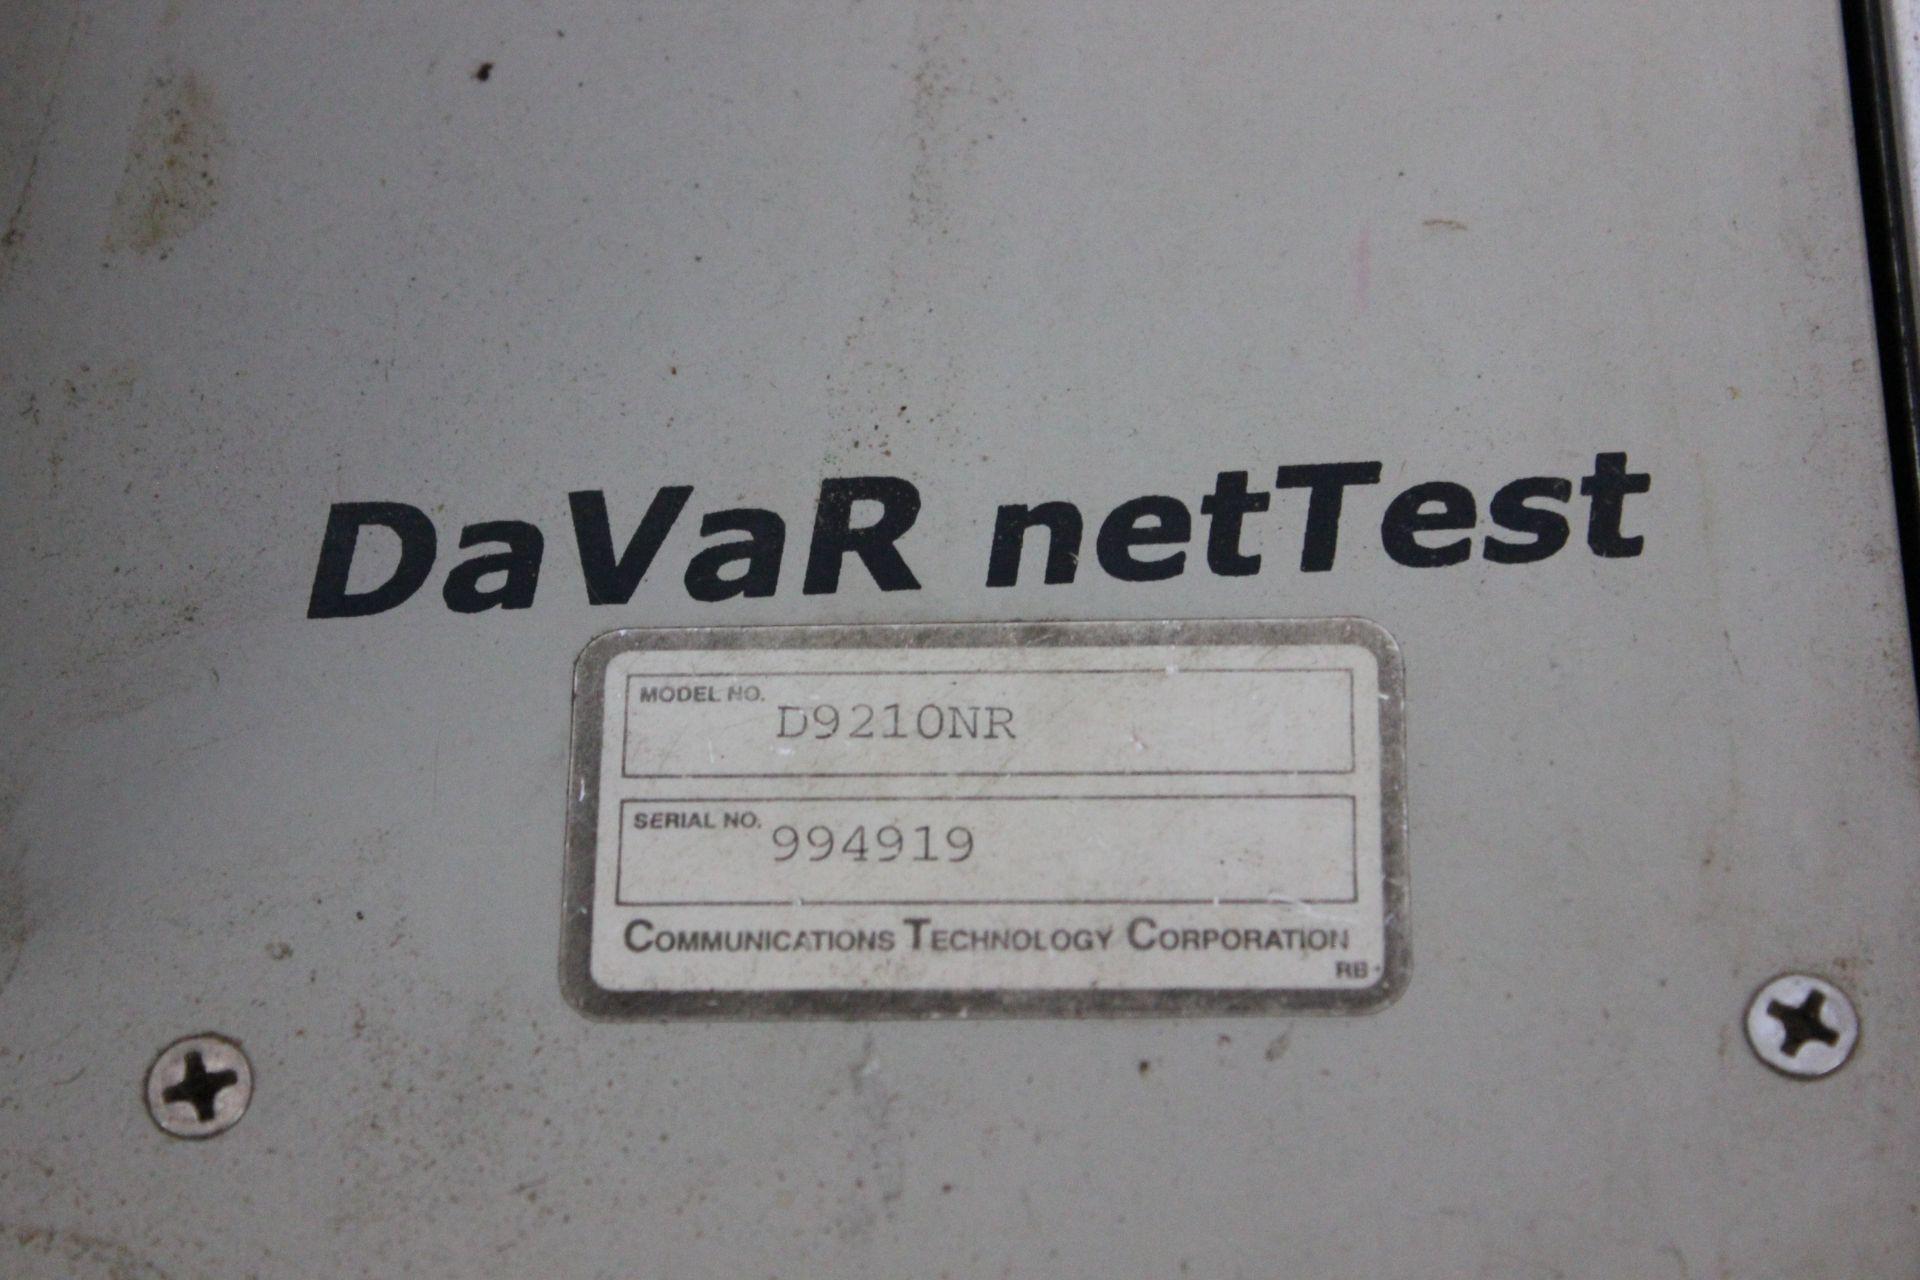 DAVAR NETTEST DSL LINE TESTER TOOL - Image 2 of 3